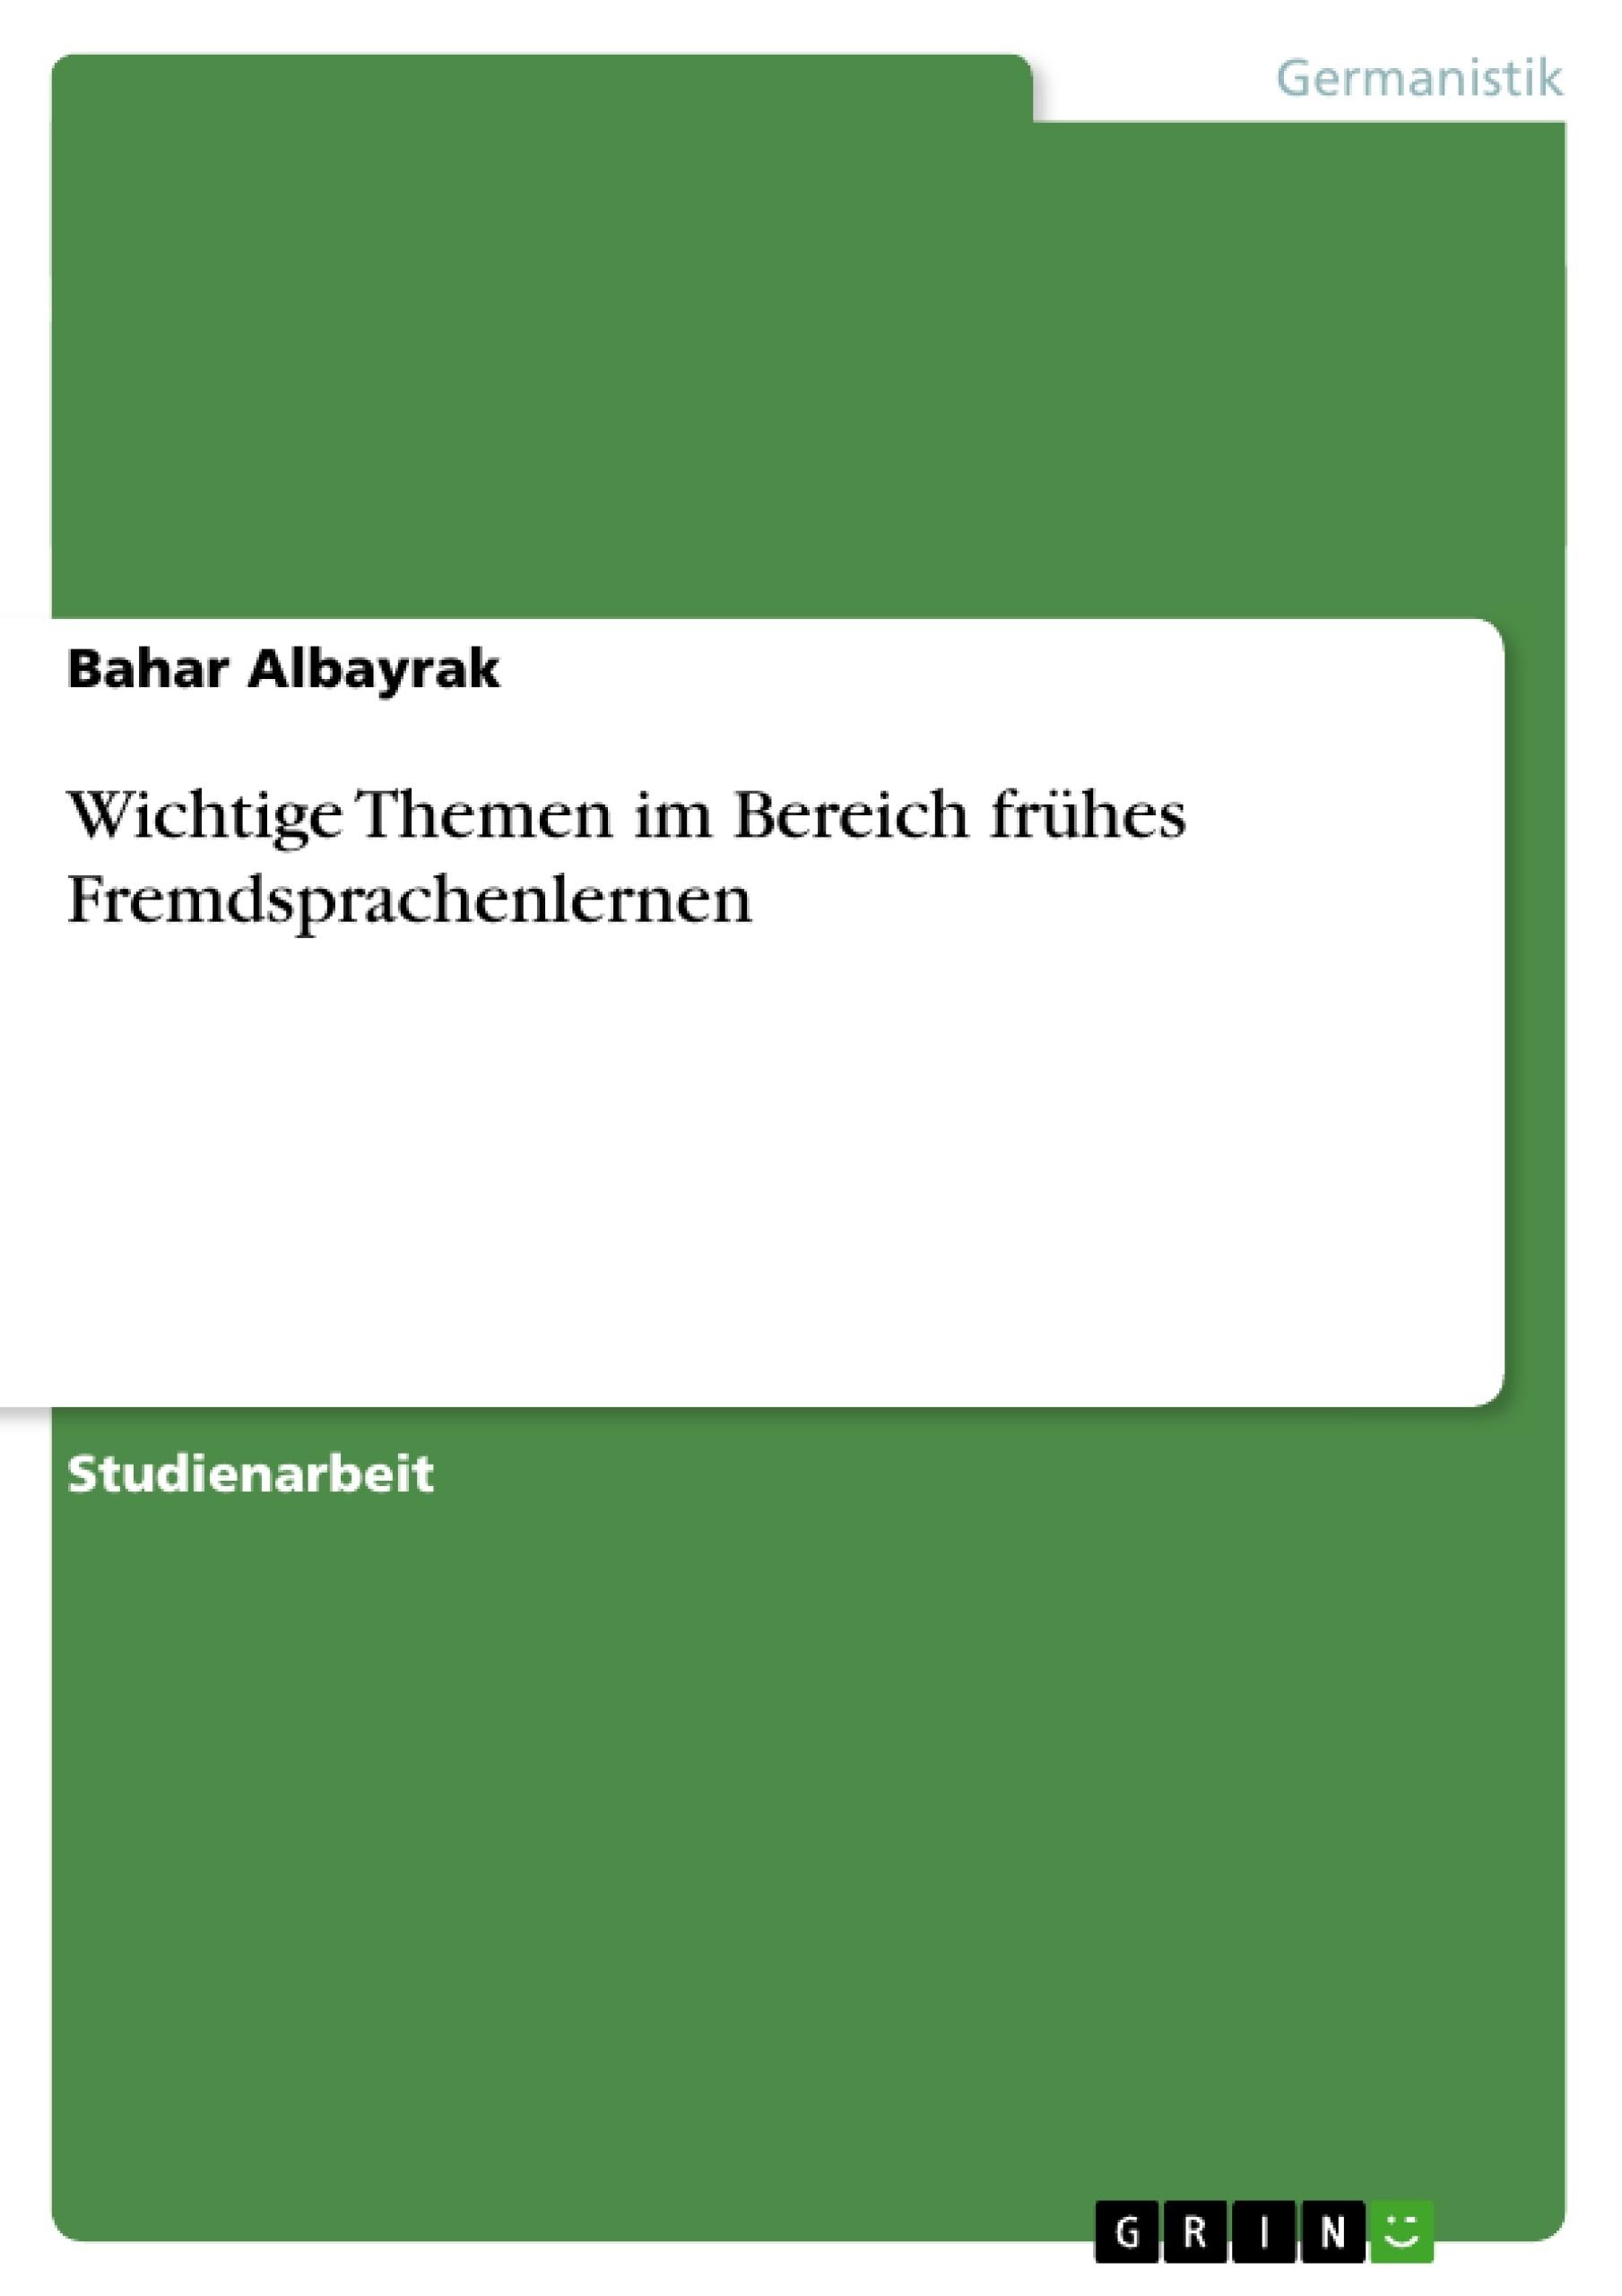 Titel: Wichtige Themen im Bereich frühes Fremdsprachenlernen